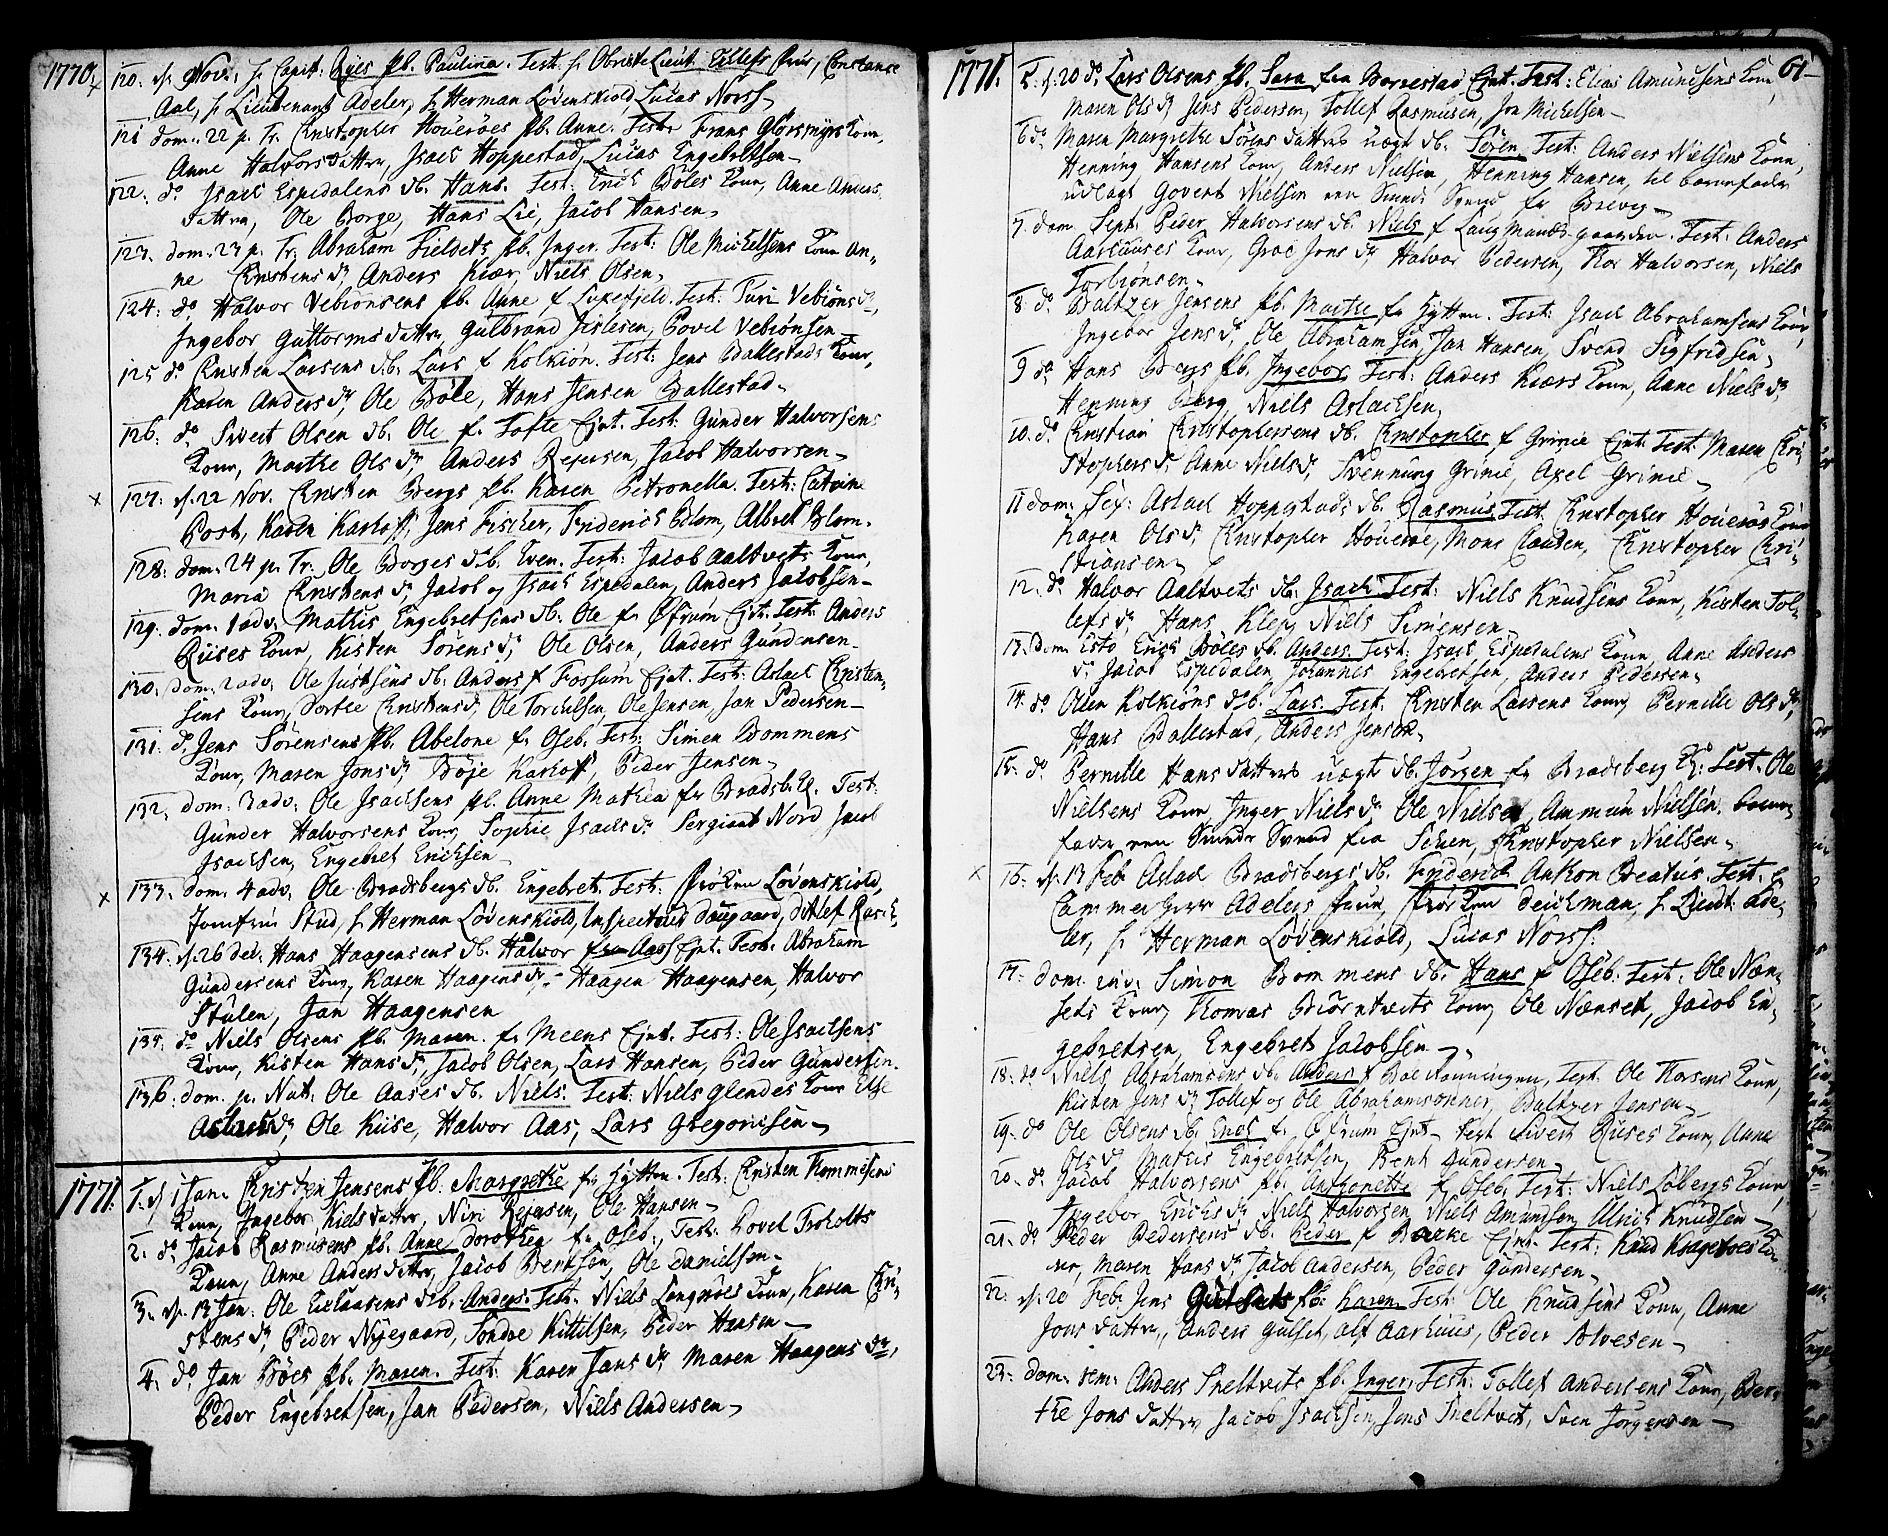 SAKO, Gjerpen kirkebøker, F/Fa/L0002: Ministerialbok nr. 2, 1747-1795, s. 61